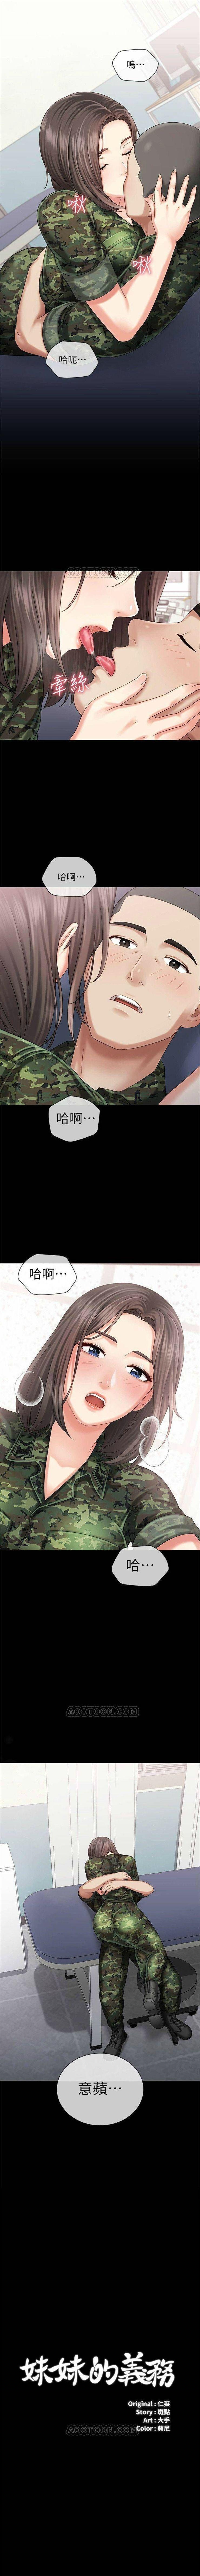 (周6)妹妹的义务 1-13 中文翻译(更新中) 111